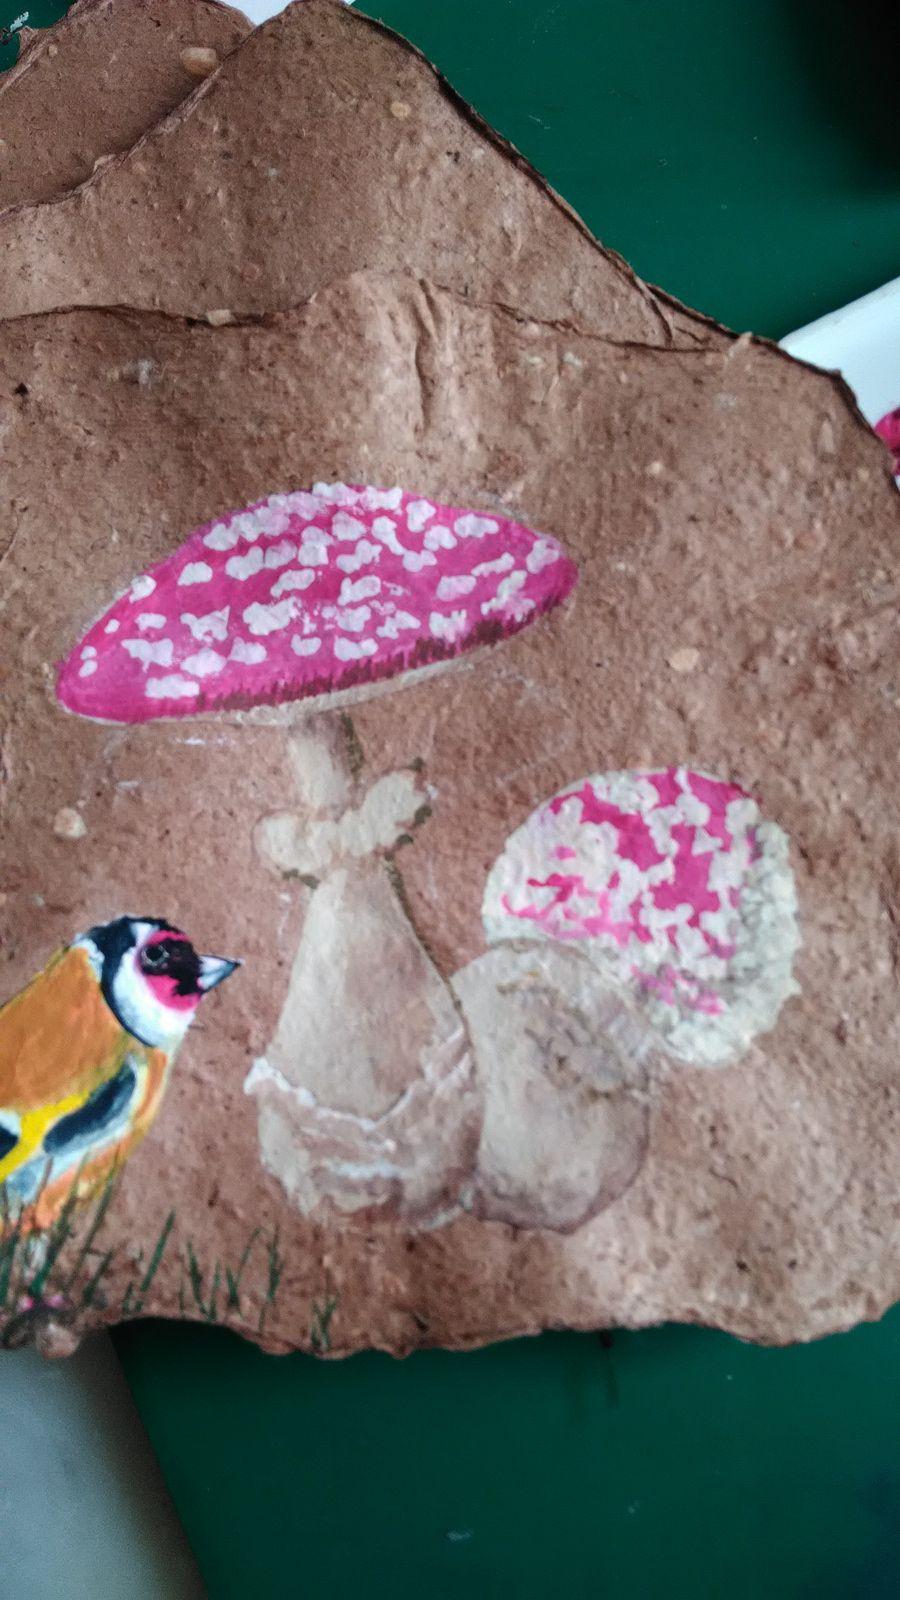 Suite et fin champignons,papillons,oiseaux